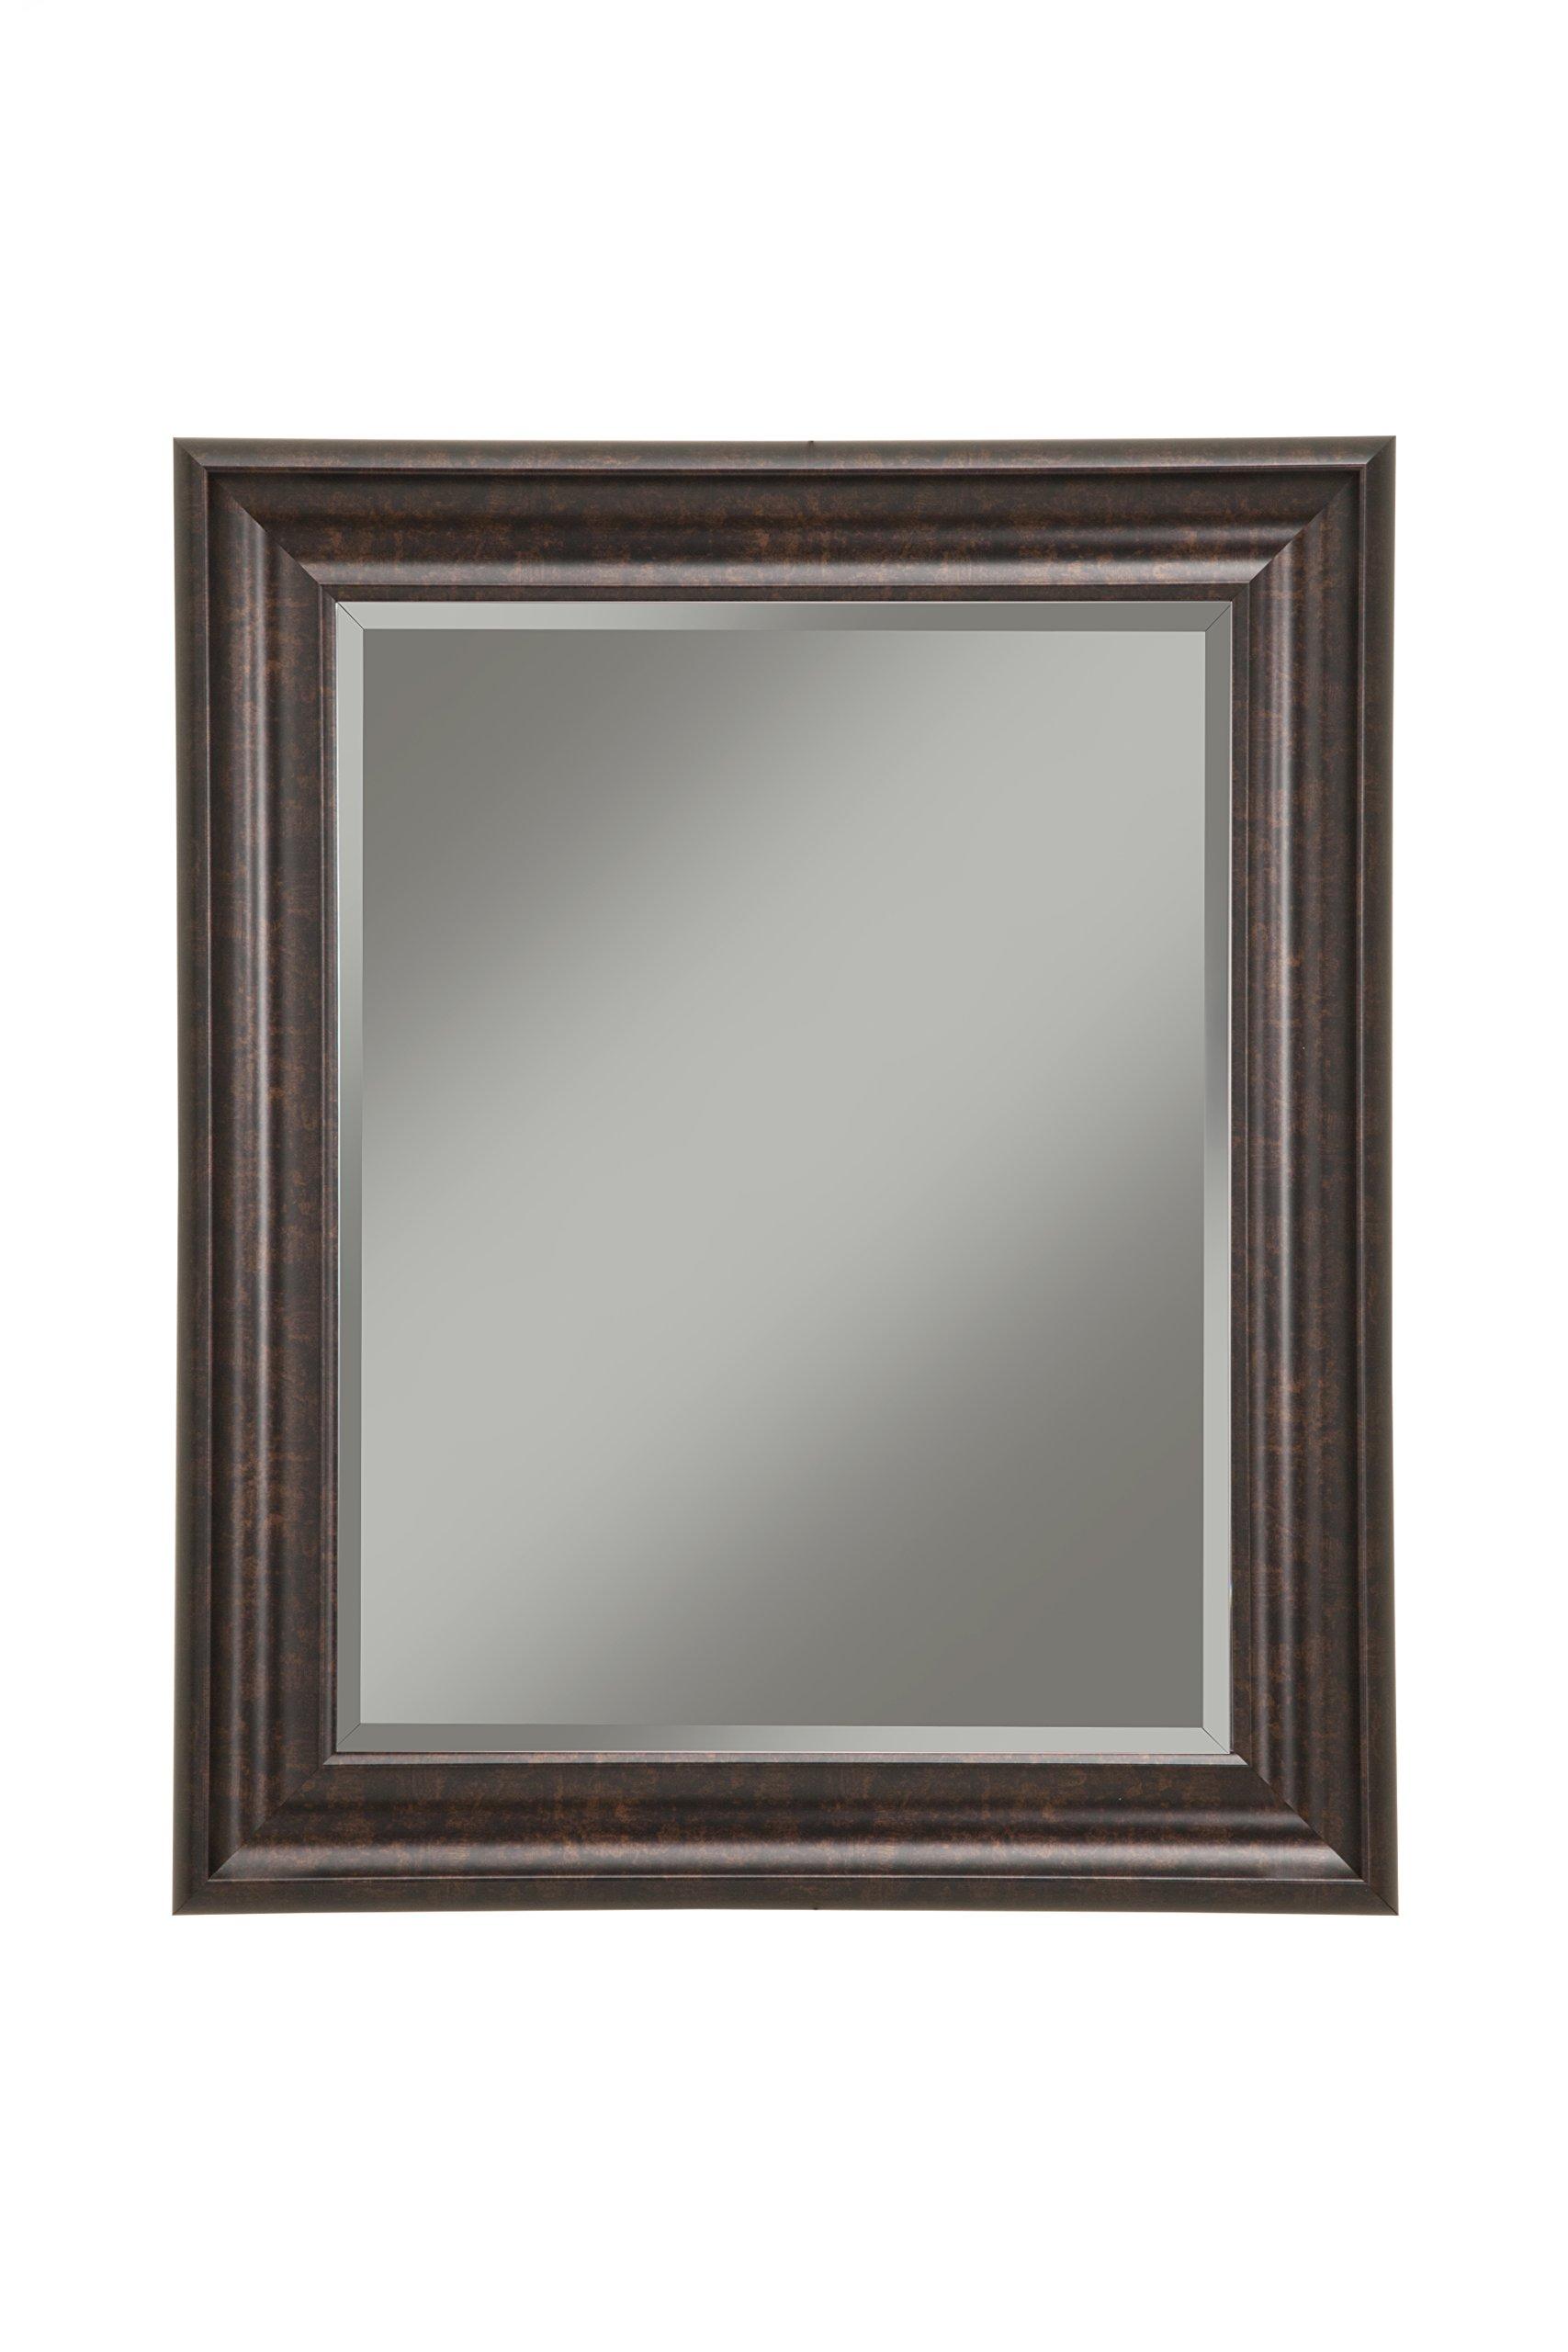 Sandberg Furniture 14217 Oil Rubbed Bronze Wall Mirror Oil Rubbed Bronze,36 X 30''